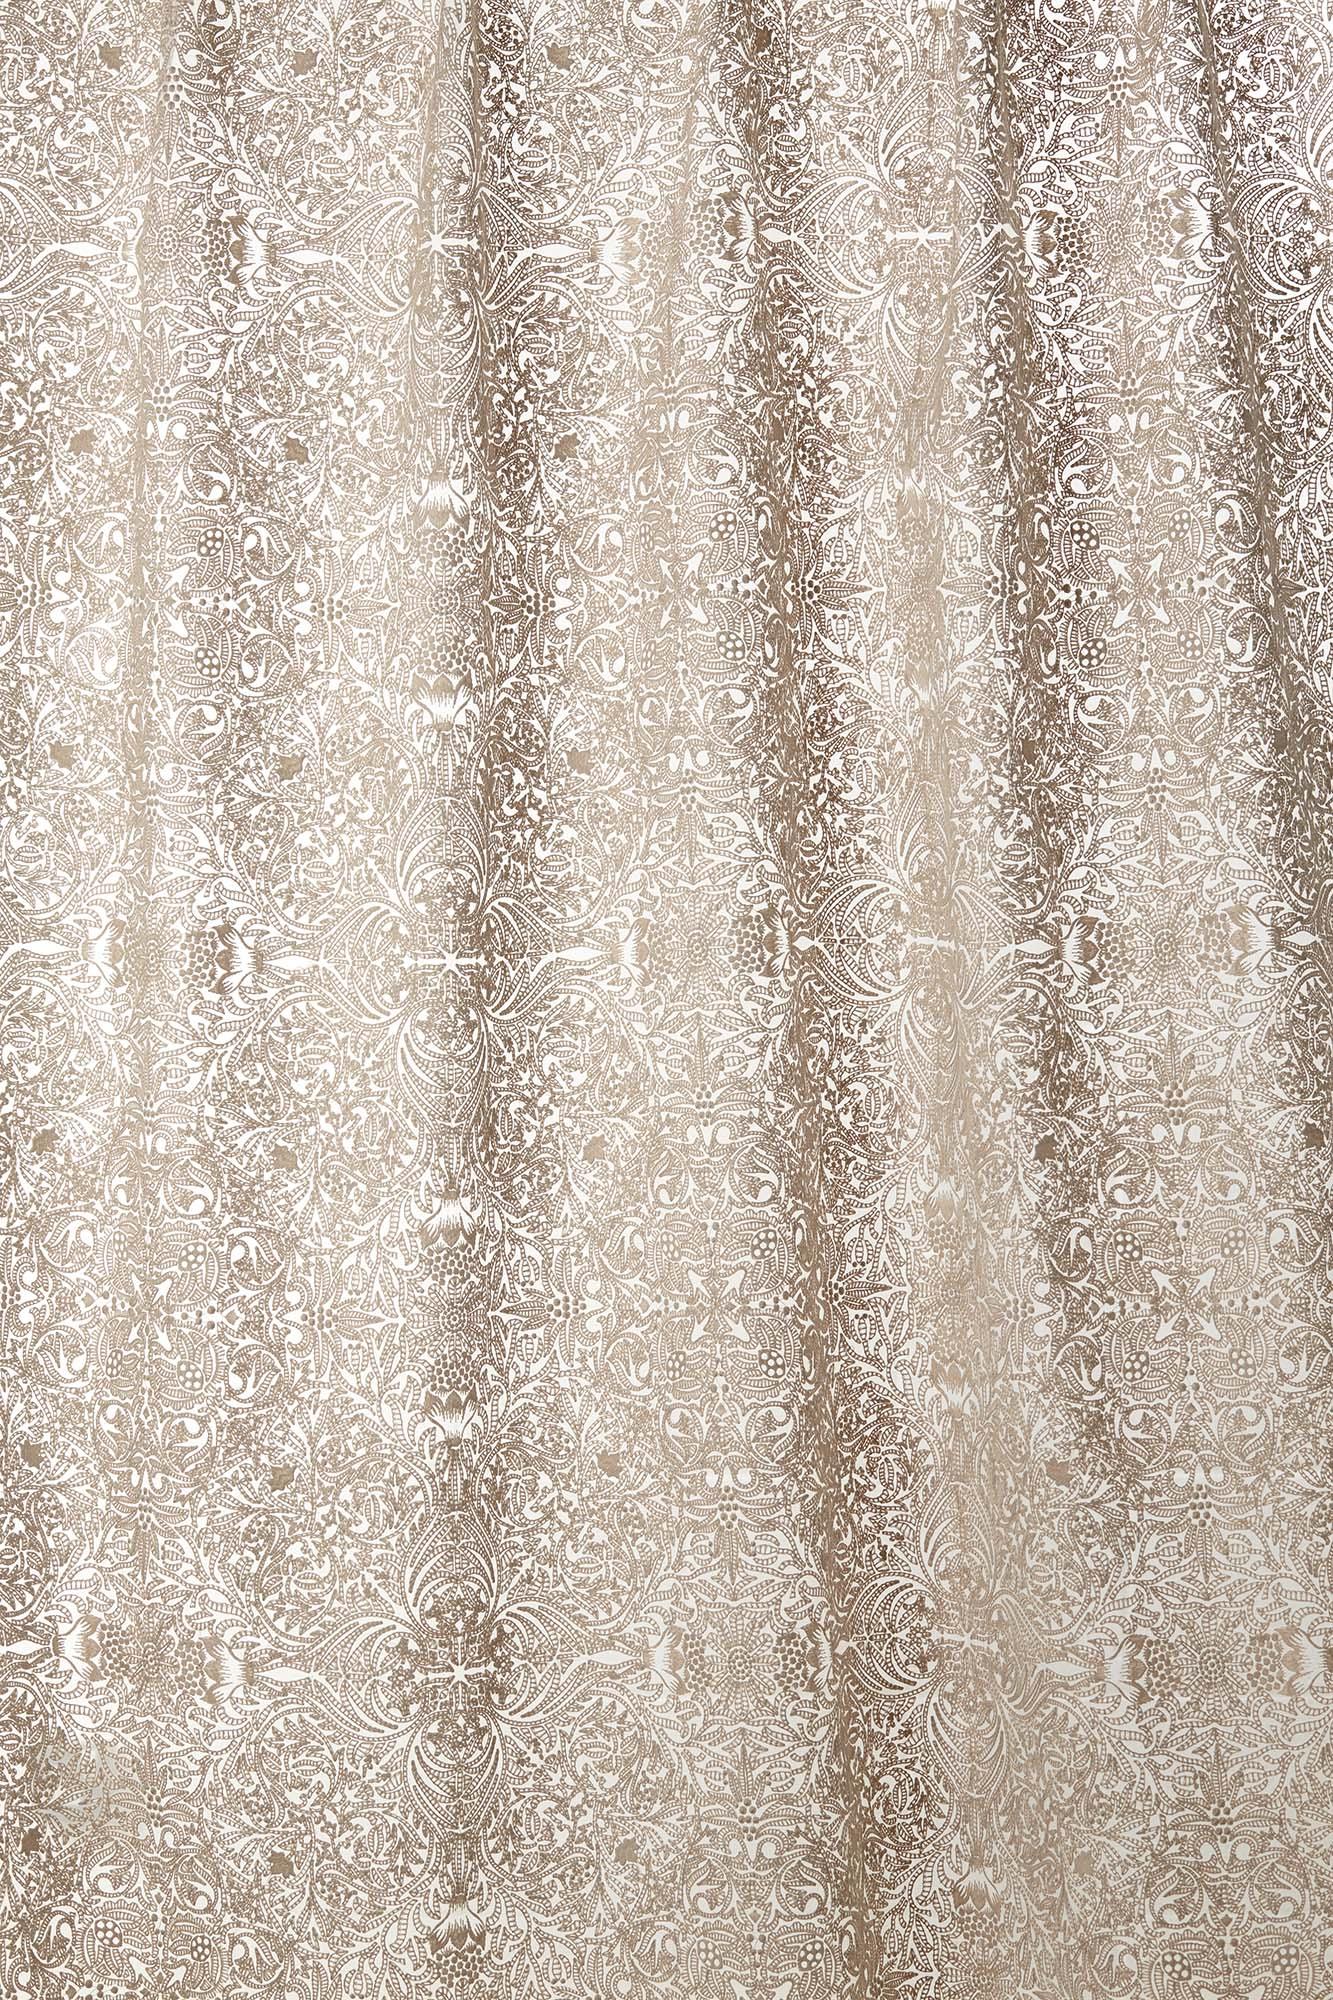 ウィリアムモリス生地 Pure Ceiling Embroidery 236068